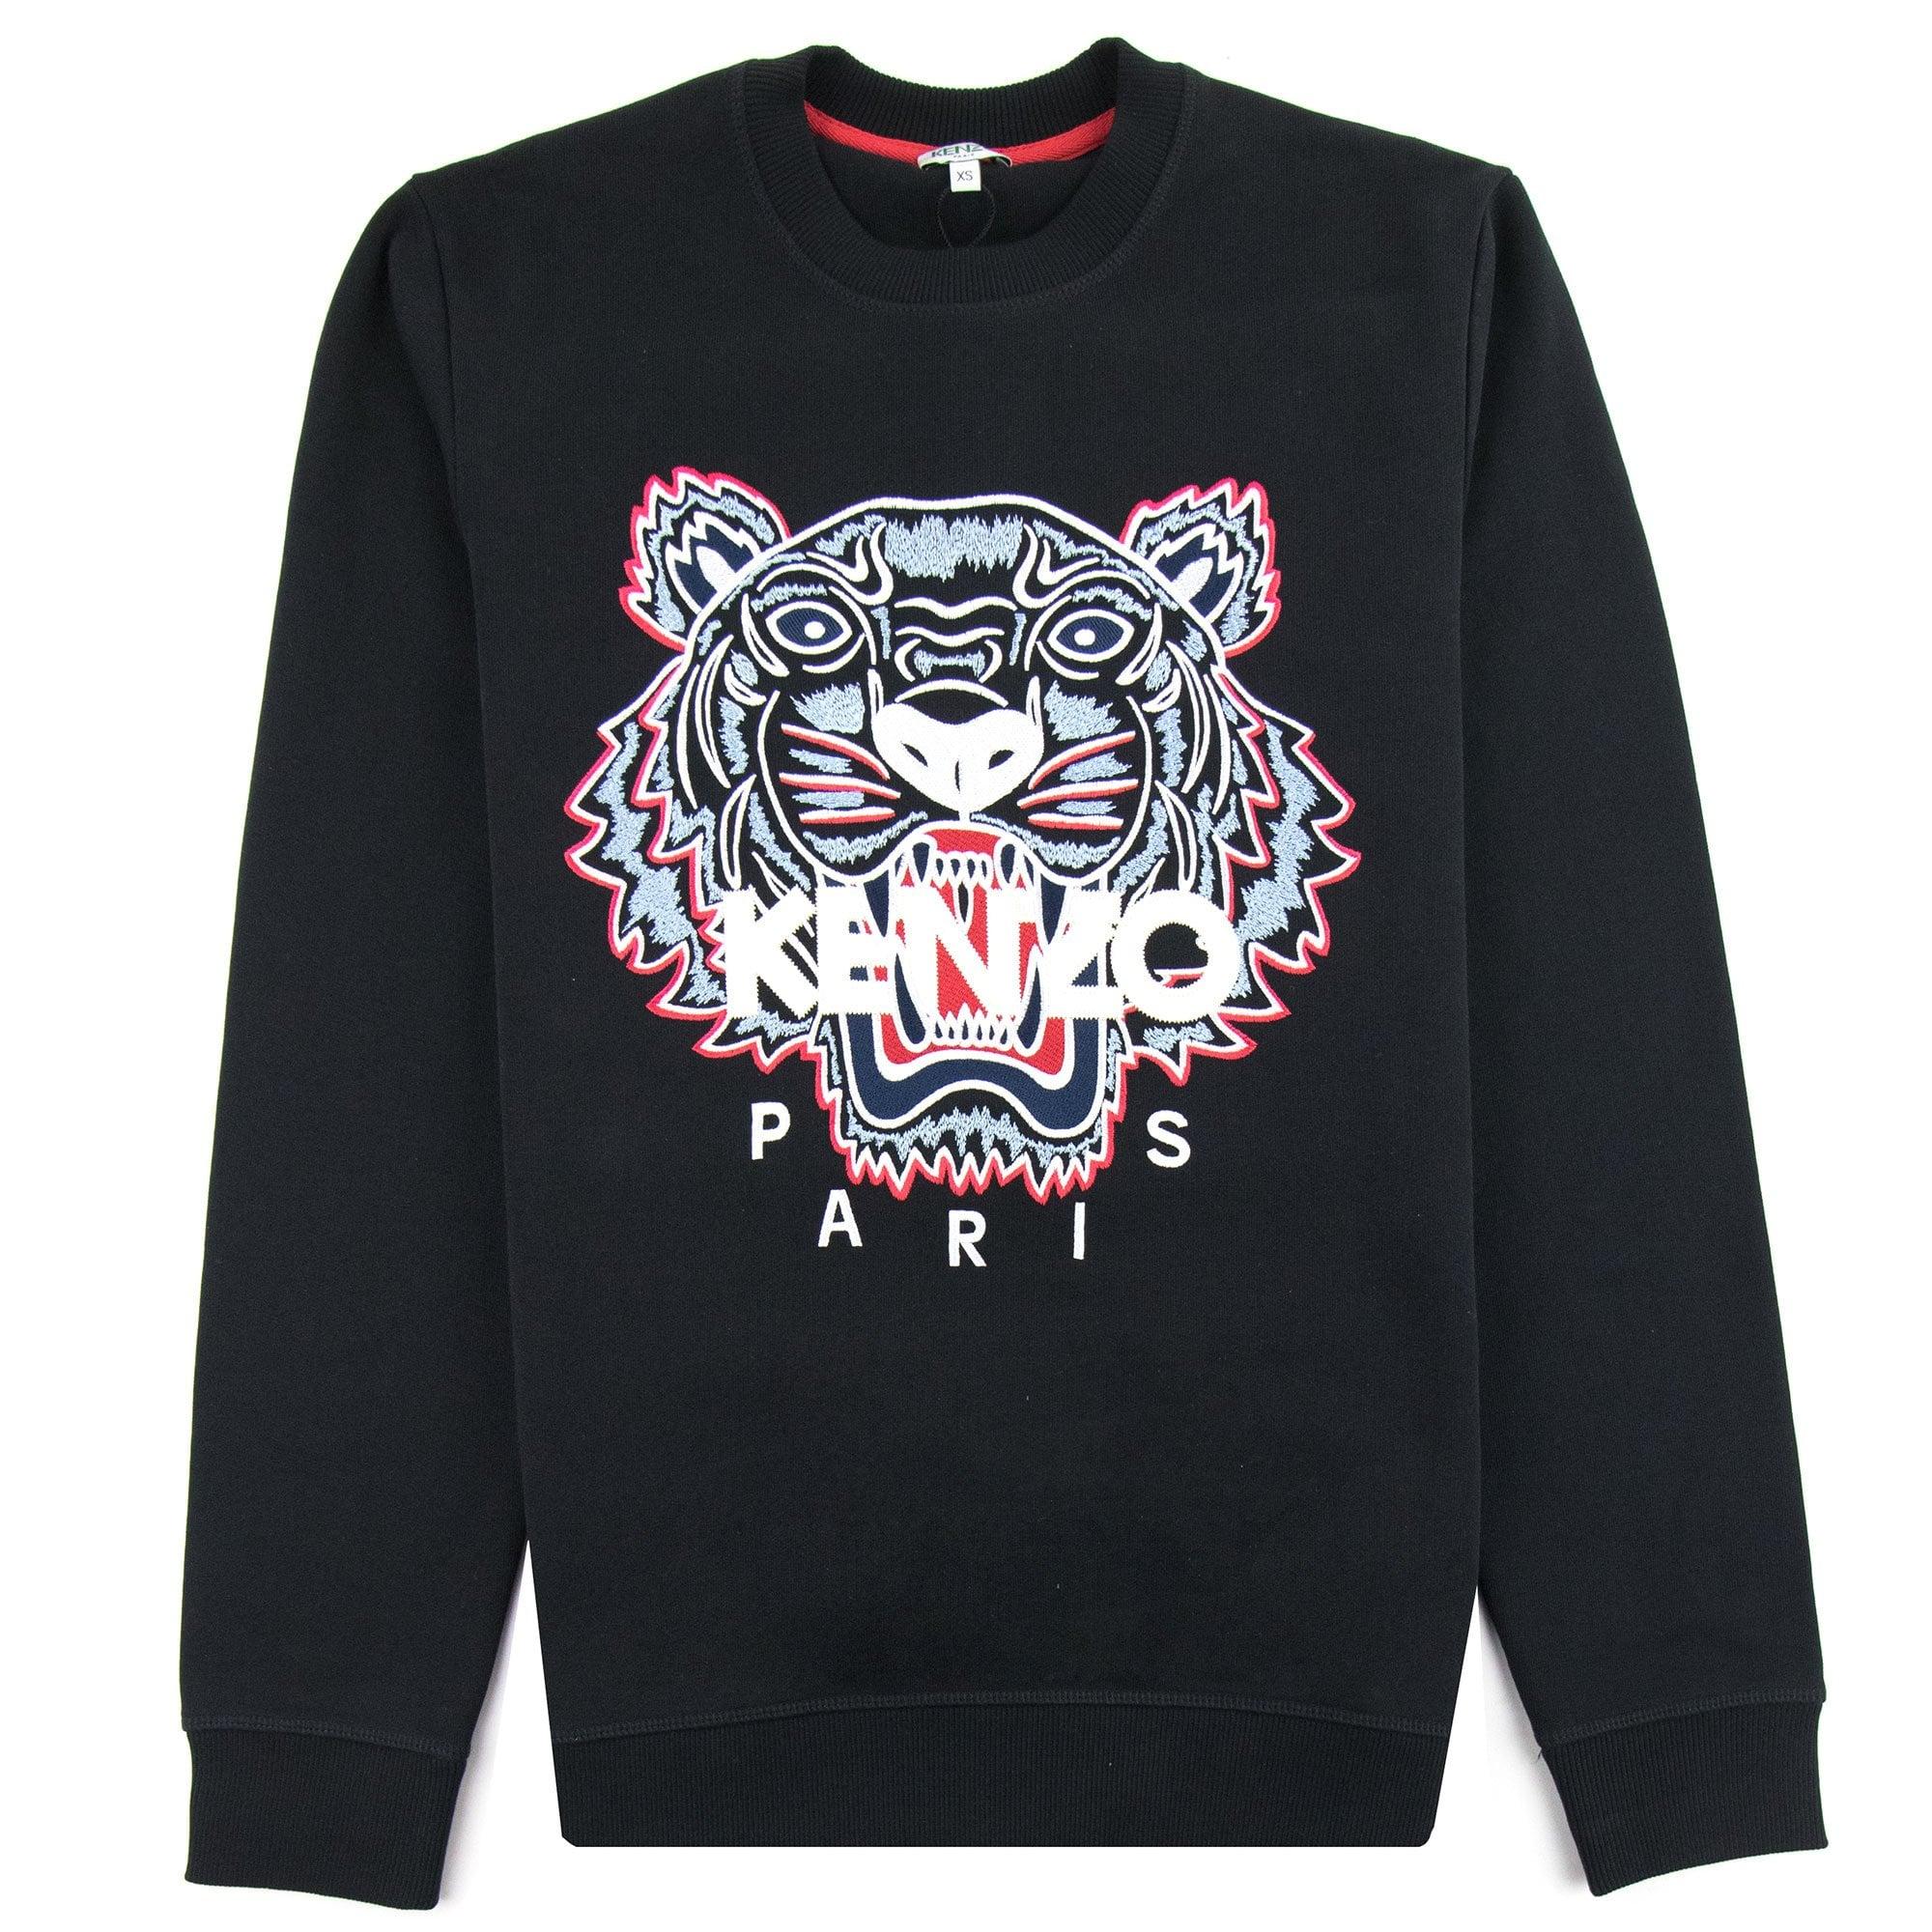 Kenzo Kenzo Tiger Sweatshirt Blackred